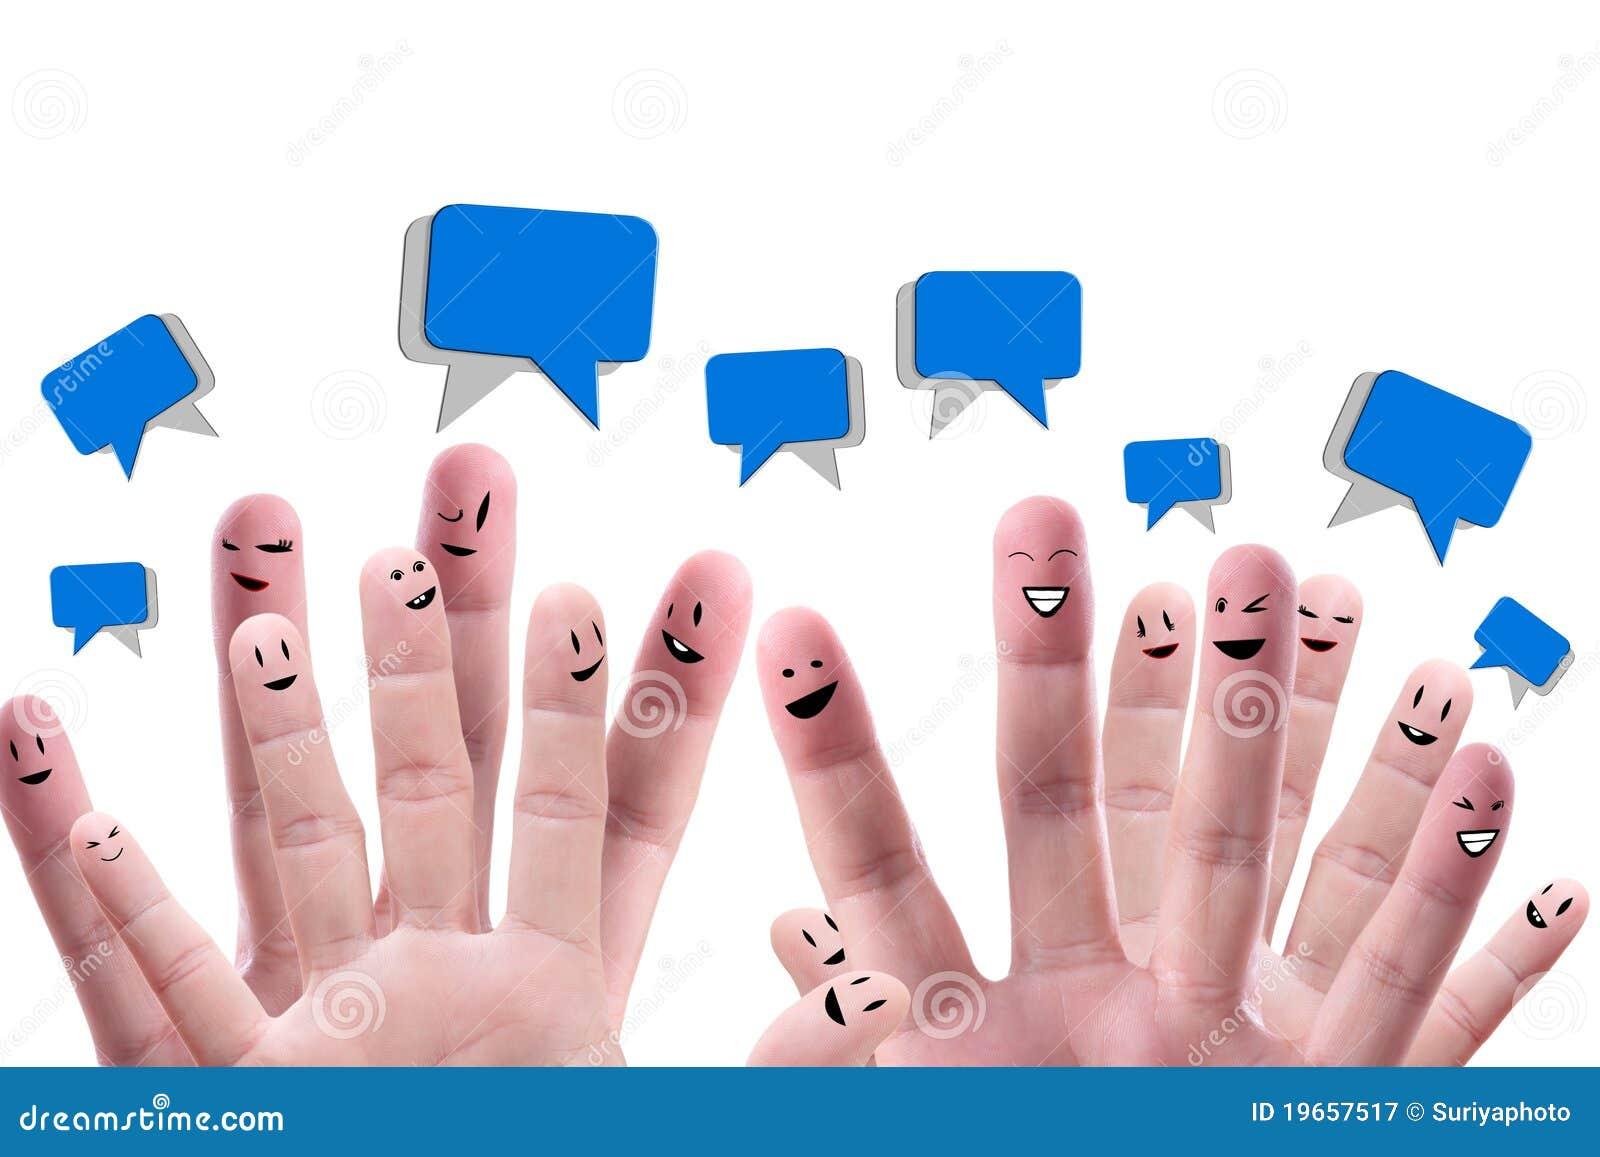 Finger Group 50